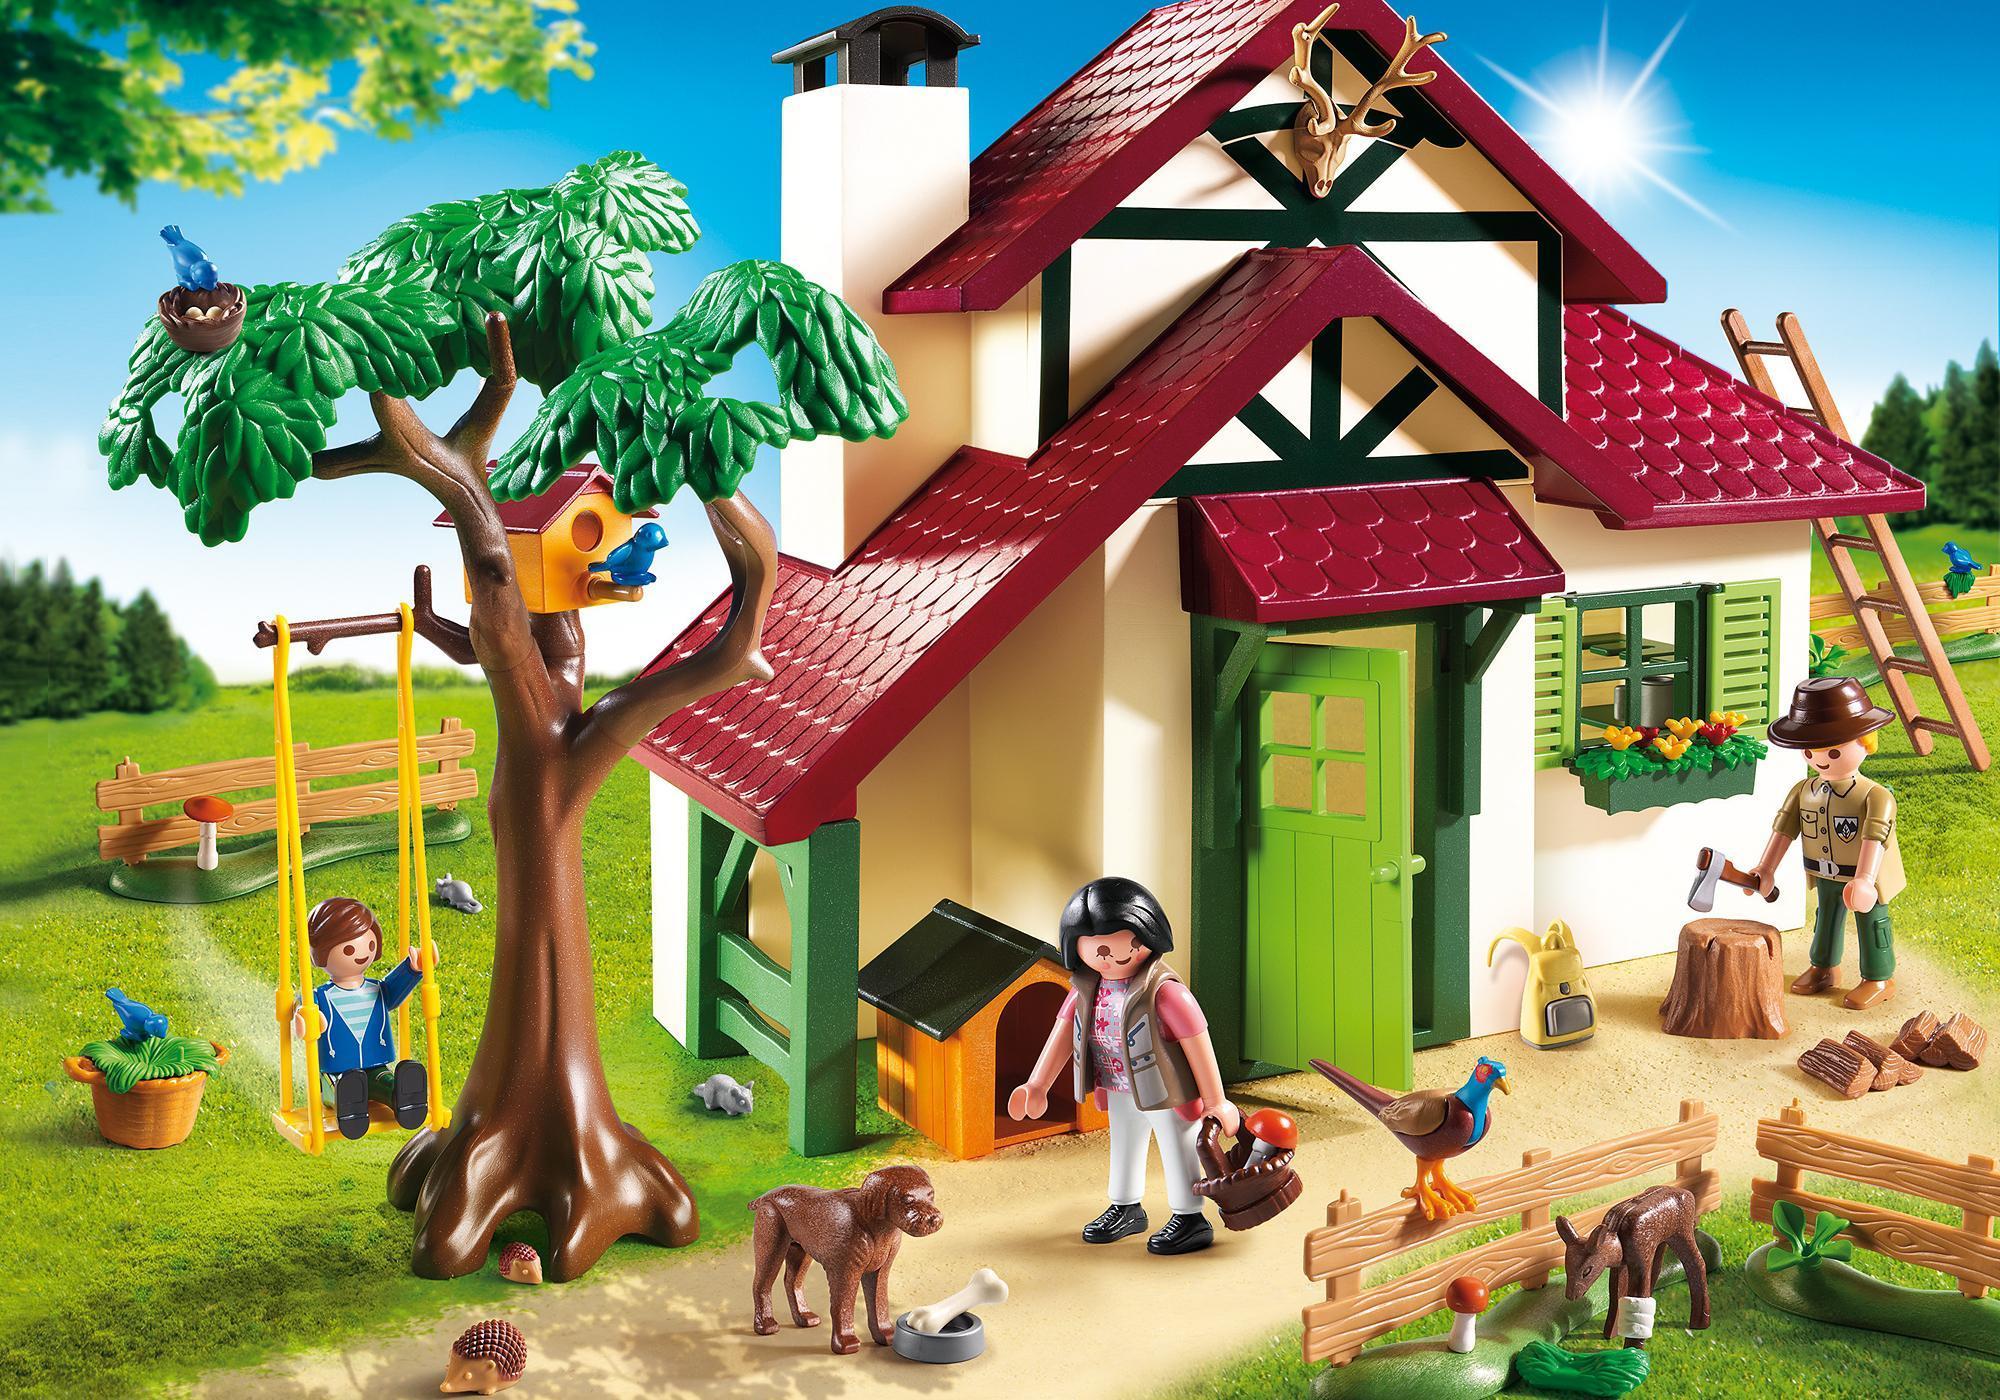 Forsthaus playmobil deutschland